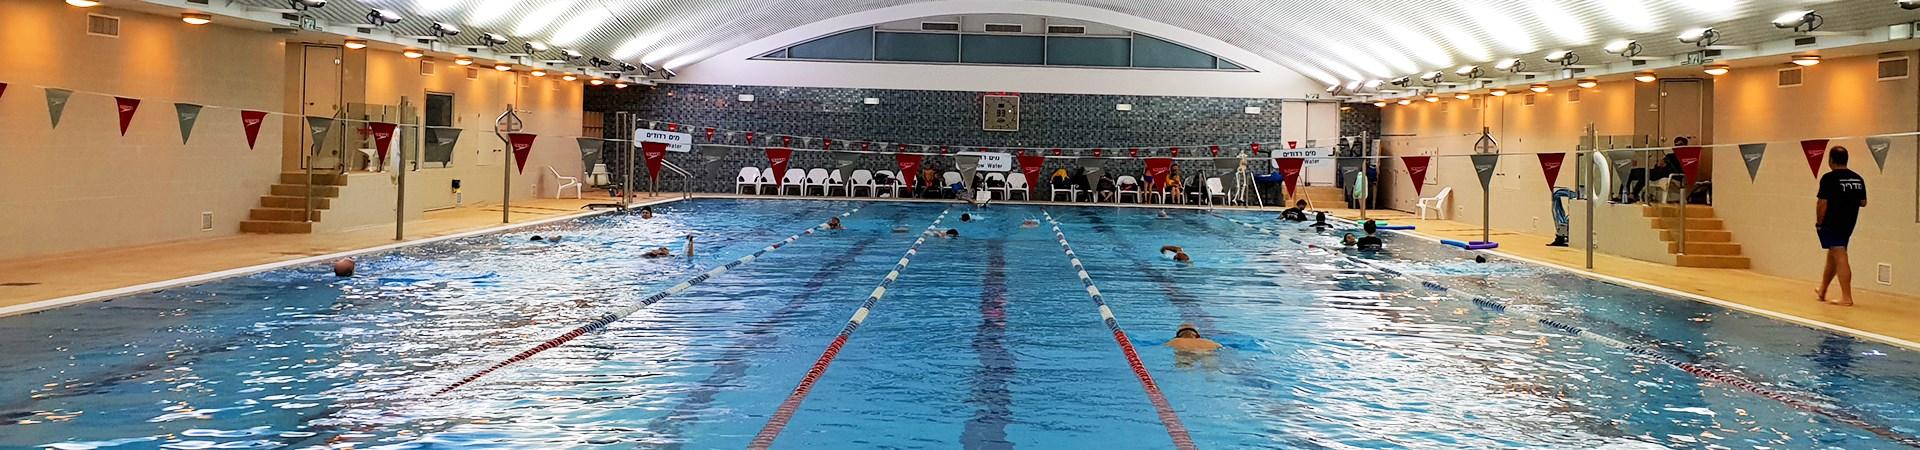 מרכז הספורט בקרית ספרא - גבעת רם